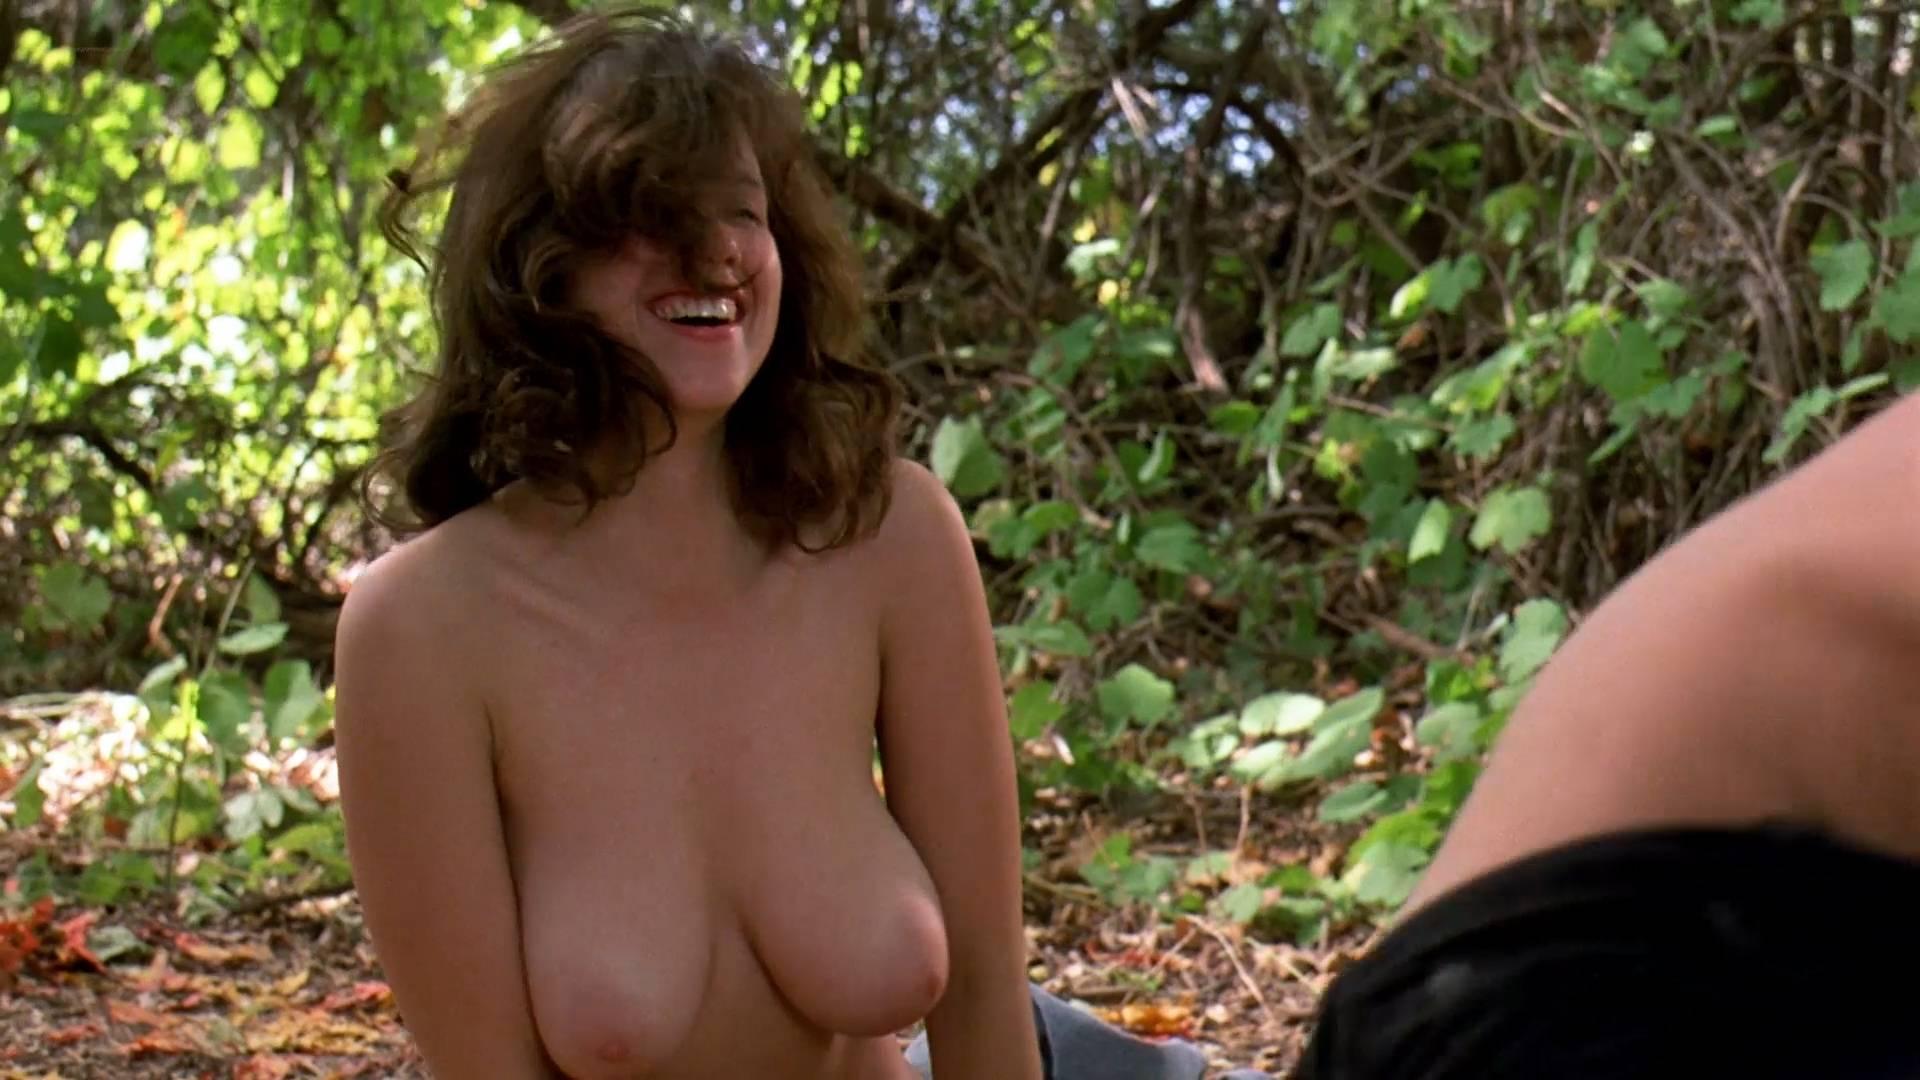 Sue nude debi